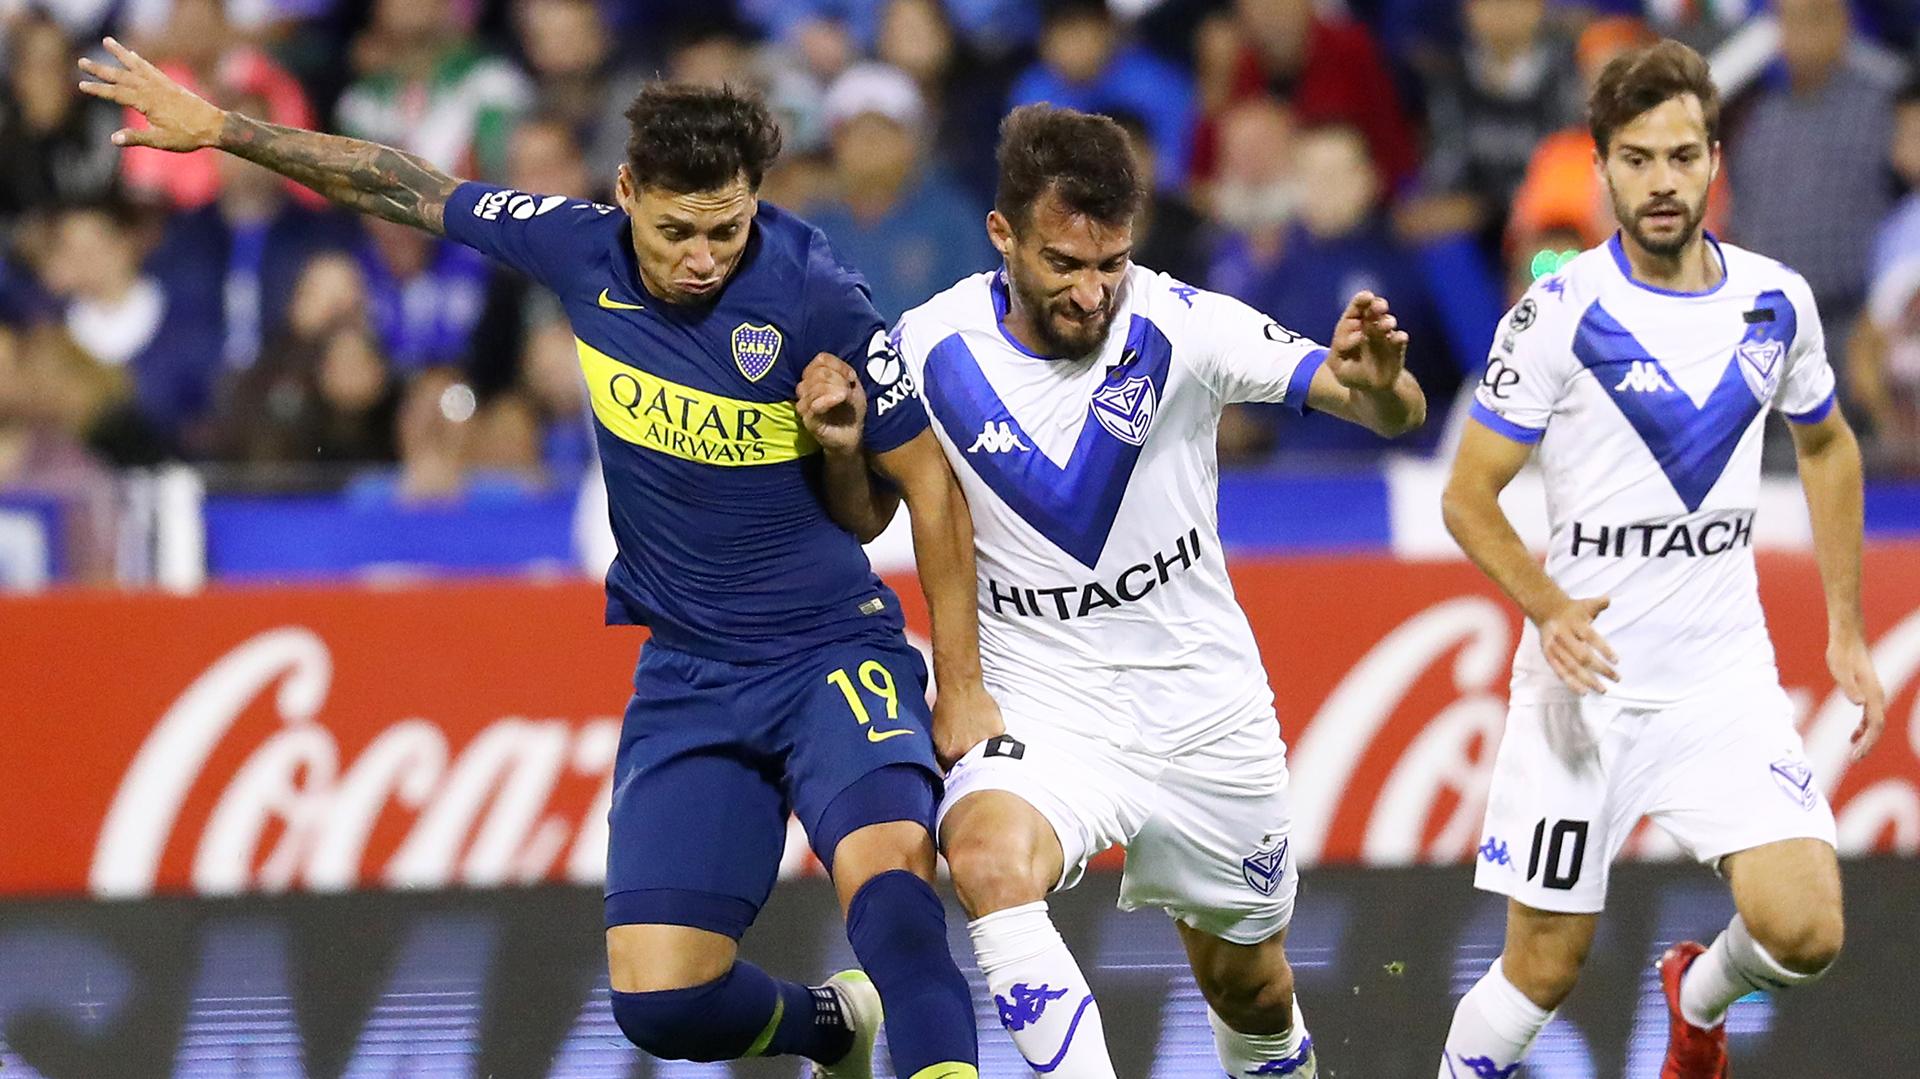 Boca recibe a Vélez para definir el equipo que pasará a las semifinales de la Copa de la Superliga (Fotobaires)